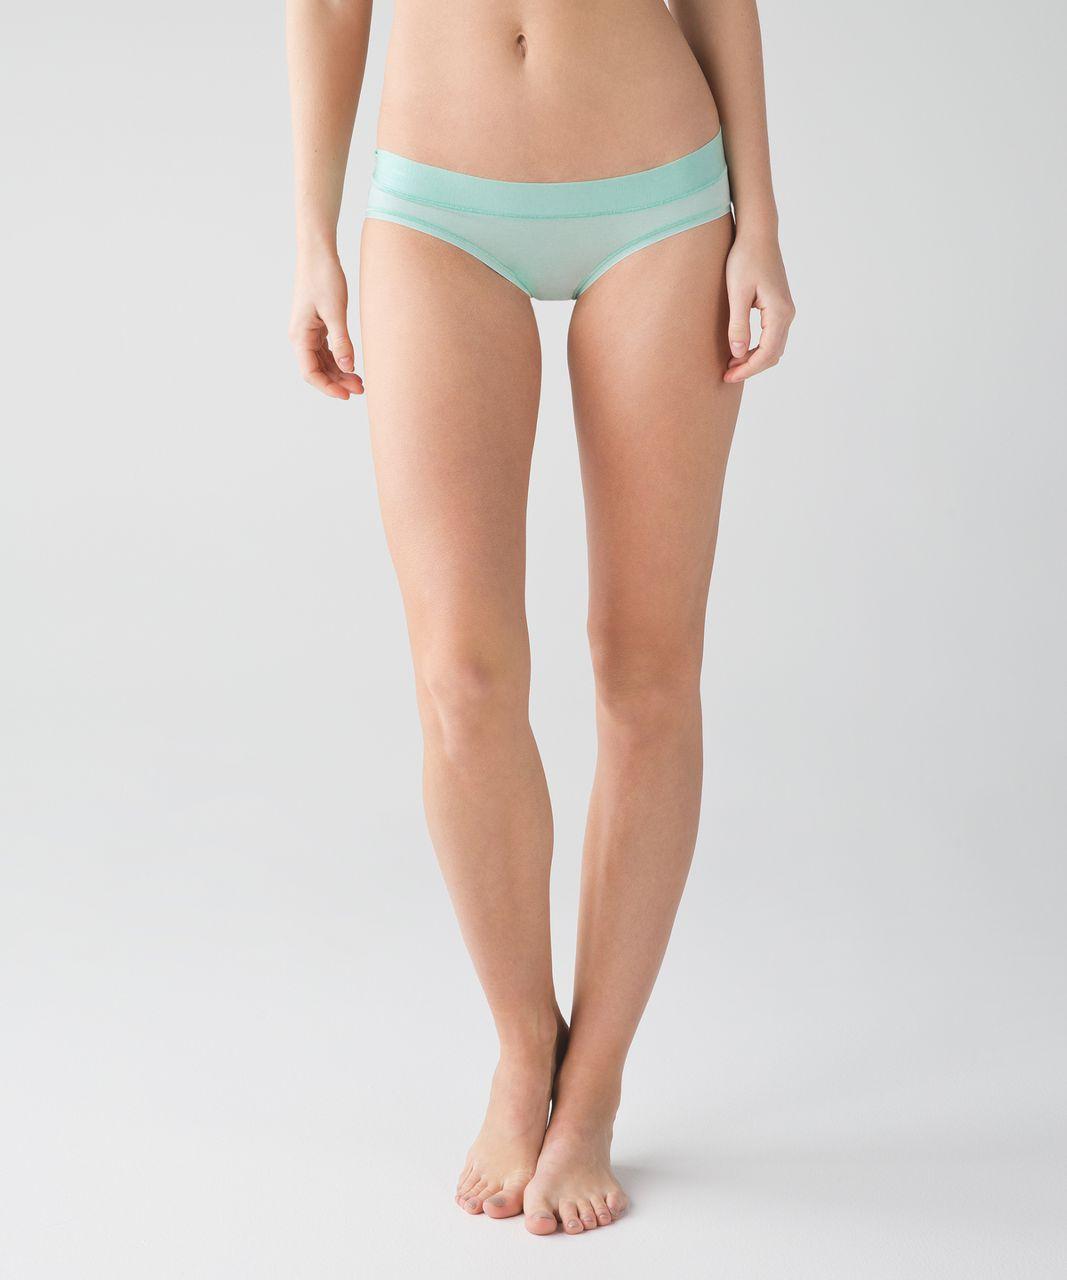 Lululemon Mula Bandhawear Bikini - Sea Mist